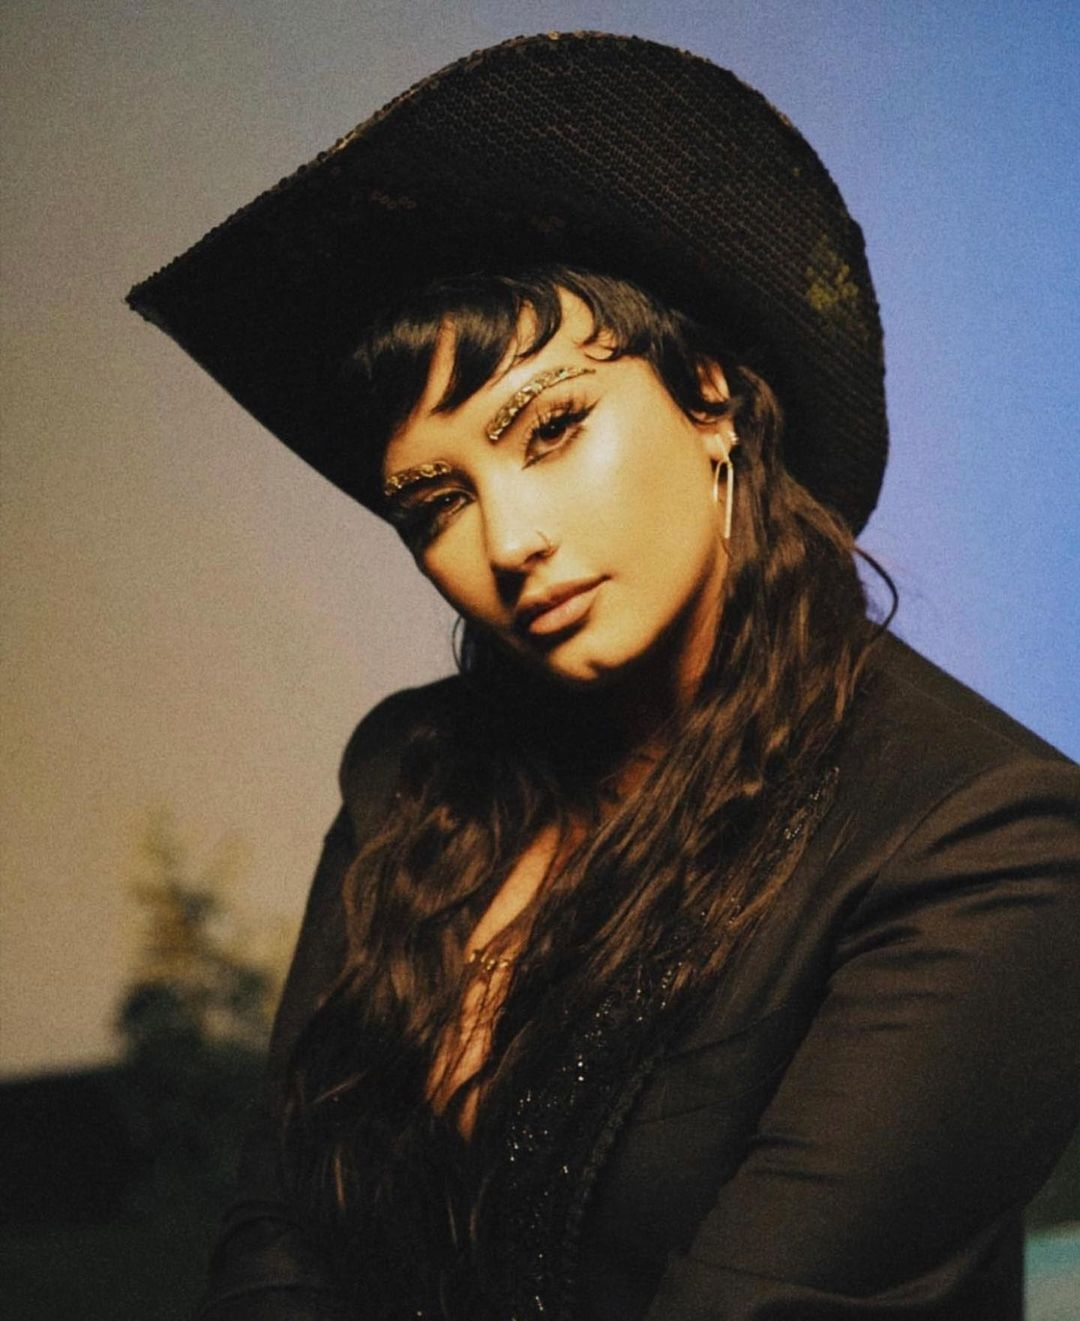 Певица Деми Ловато заявила, что может стать трансгендером - фото №1